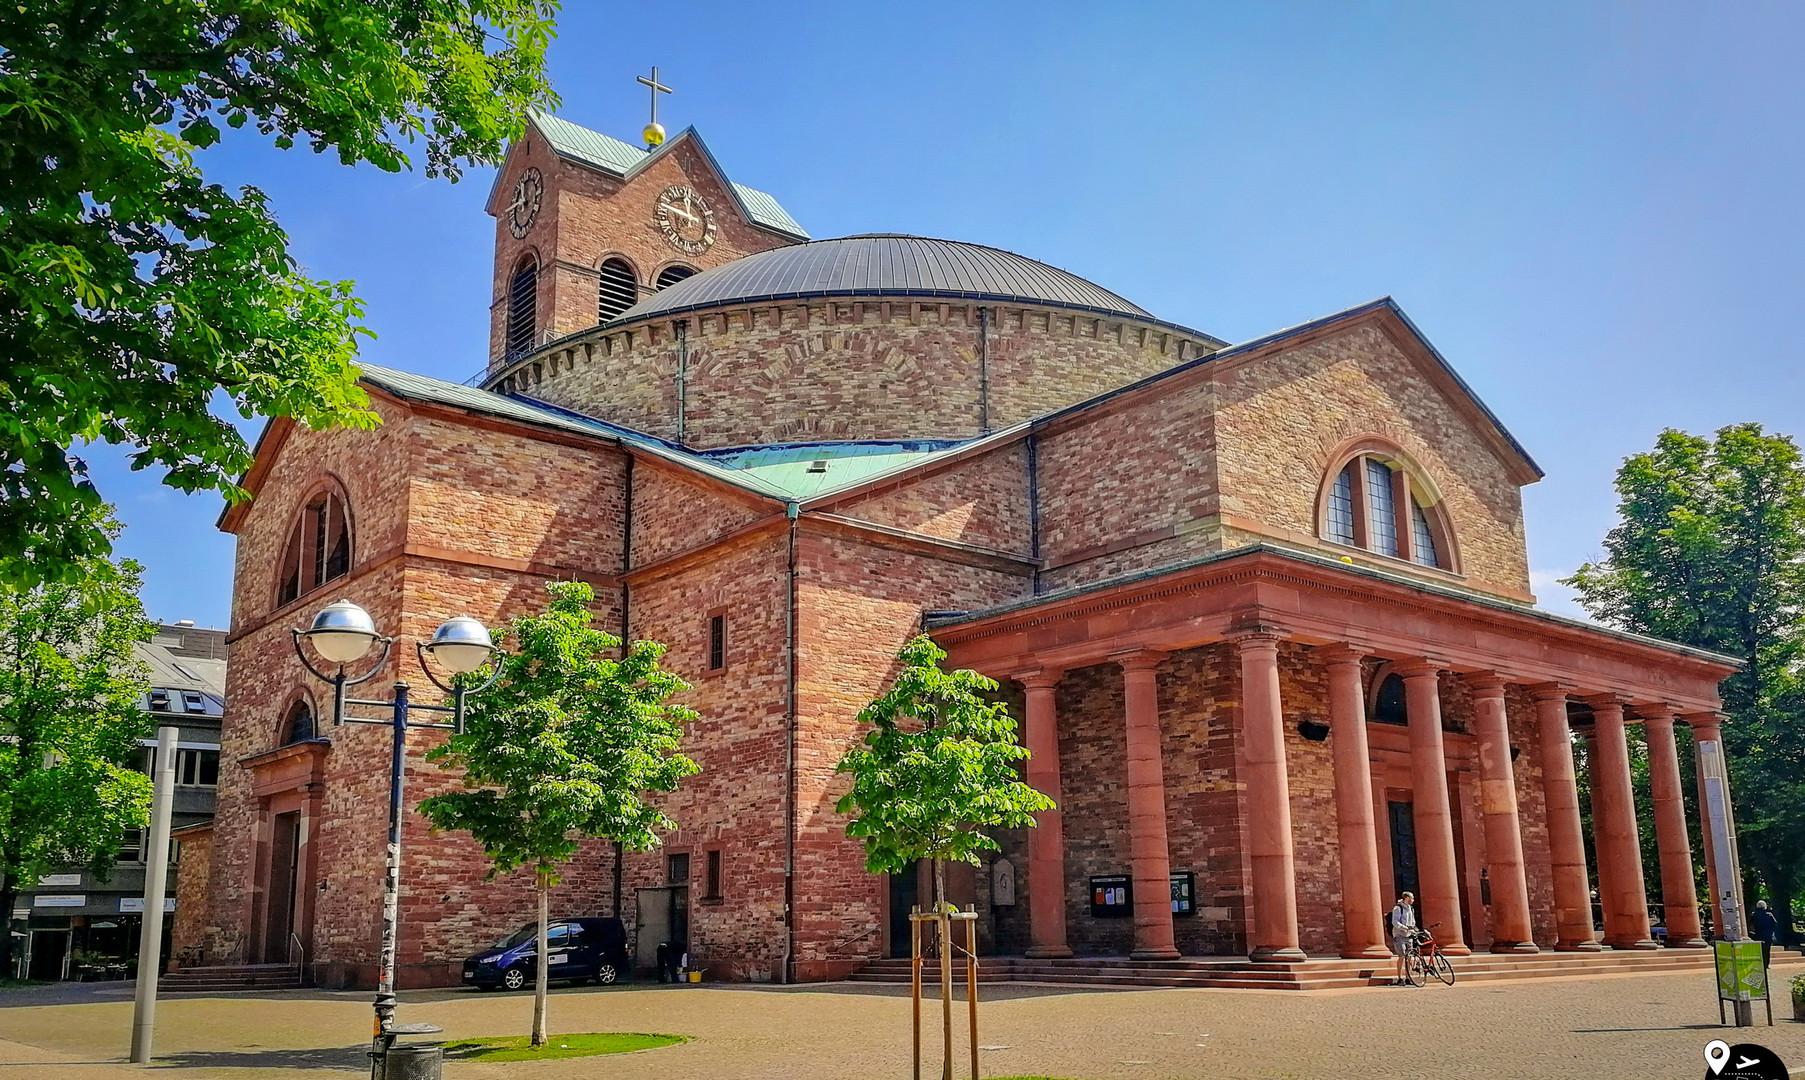 Кирха Святого Штефана, Карлсруэ